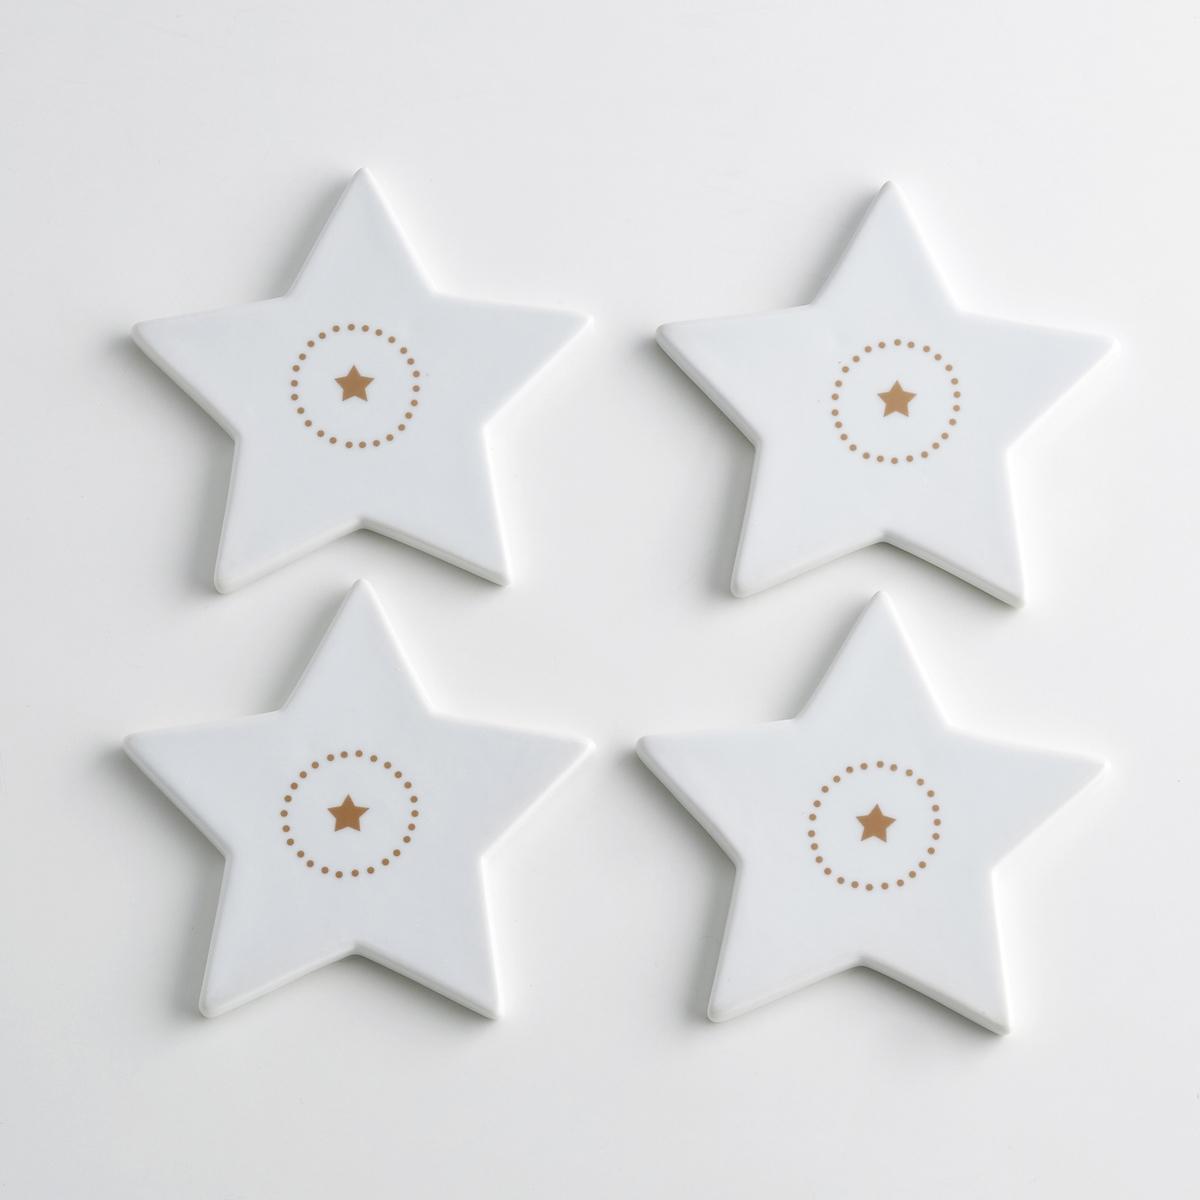 4 подстаканника из фарфора, KublerНабор из 4 подстаканников в форме звезды из фарфора Kubler La redoute Int?rieurs .     Благородство фарфора в сочетании с оригинальным рисунком создают очень современный столовый аксессуар . Рисунок в виде звезды по центру и принт в горошек воуруг  .Характеристики 4 подстаканников Kubler :- Подстаканник из фарфора  - Размеры : 12 x 12 см   - Высота : 1 см.- Использование в посудомоечной машине и микроволновой печи запрещено- В комплекте 4 бокалаНайдите комплект посуды из фарфора Kubler на нашем сайте laredoute.ru .<br><br>Цвет: белый